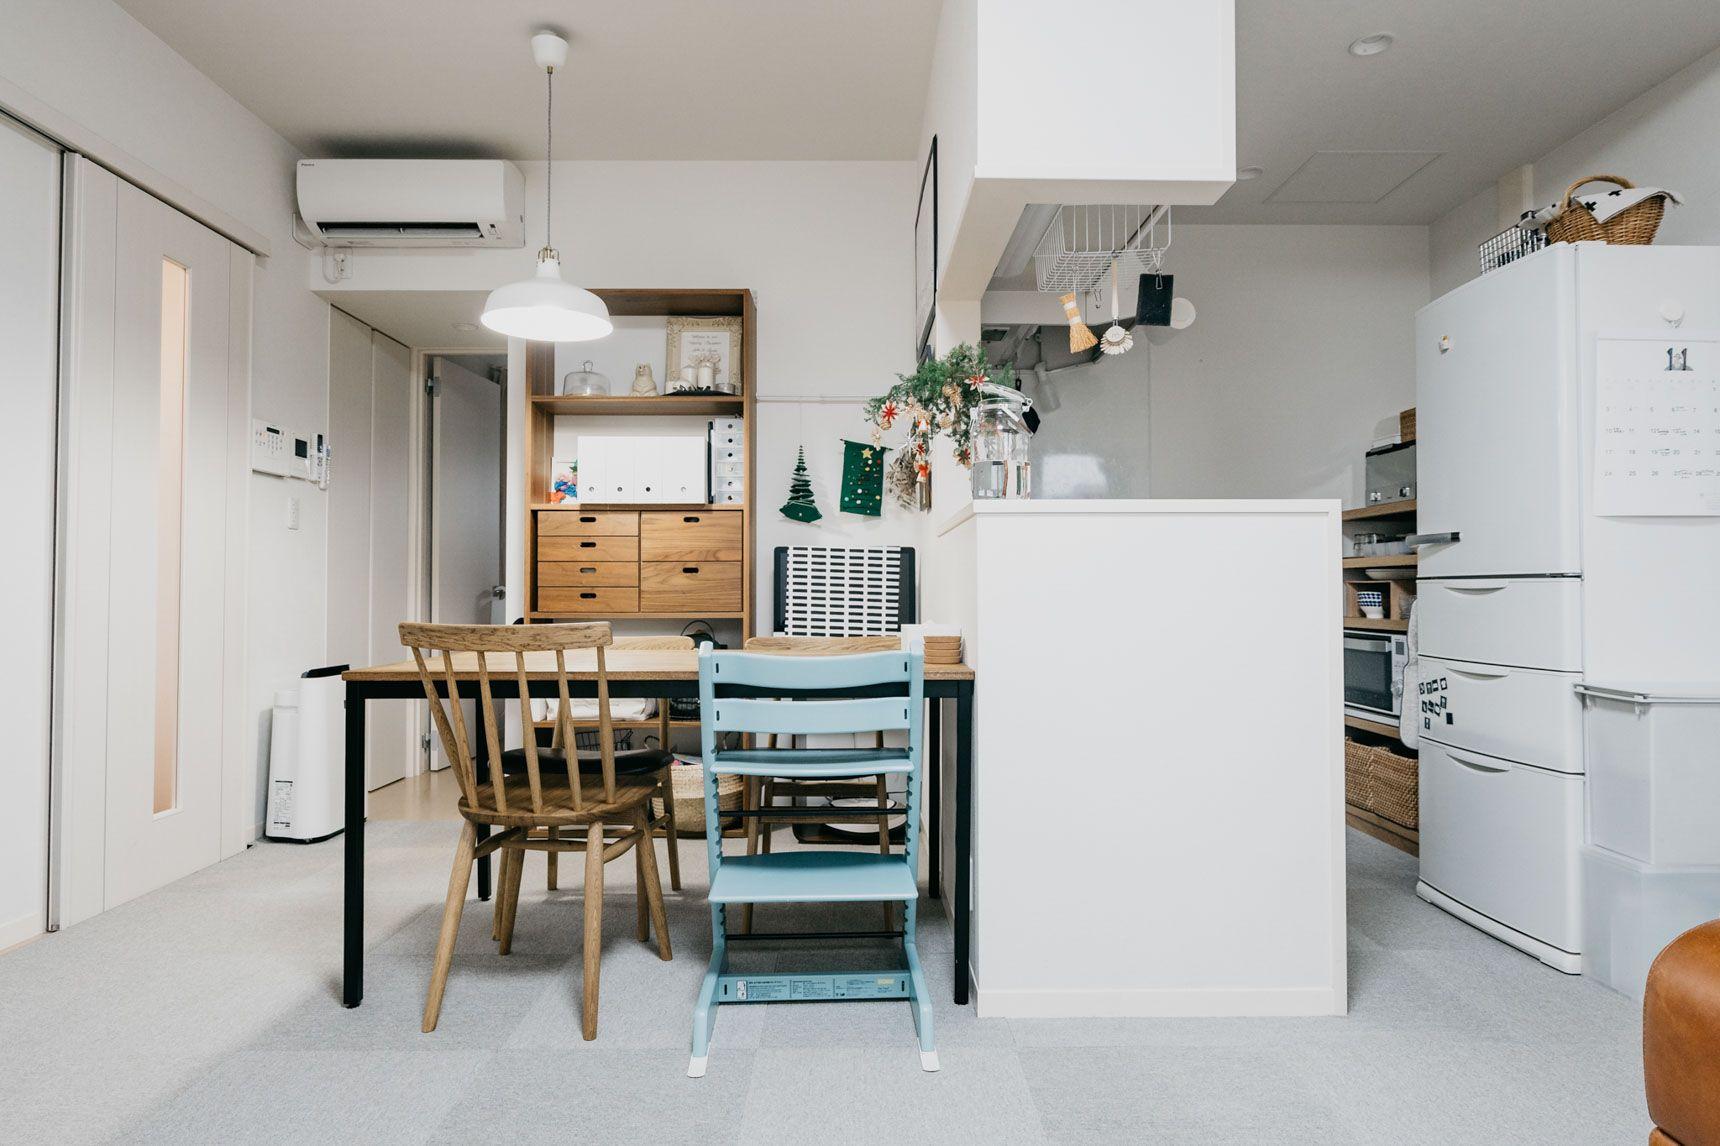 1ldkでコンパクトに 家族4人の暮らしかた Goodroom Journal 狭いリビング レイアウト 小さなアパートのキッチン リビング キッチン